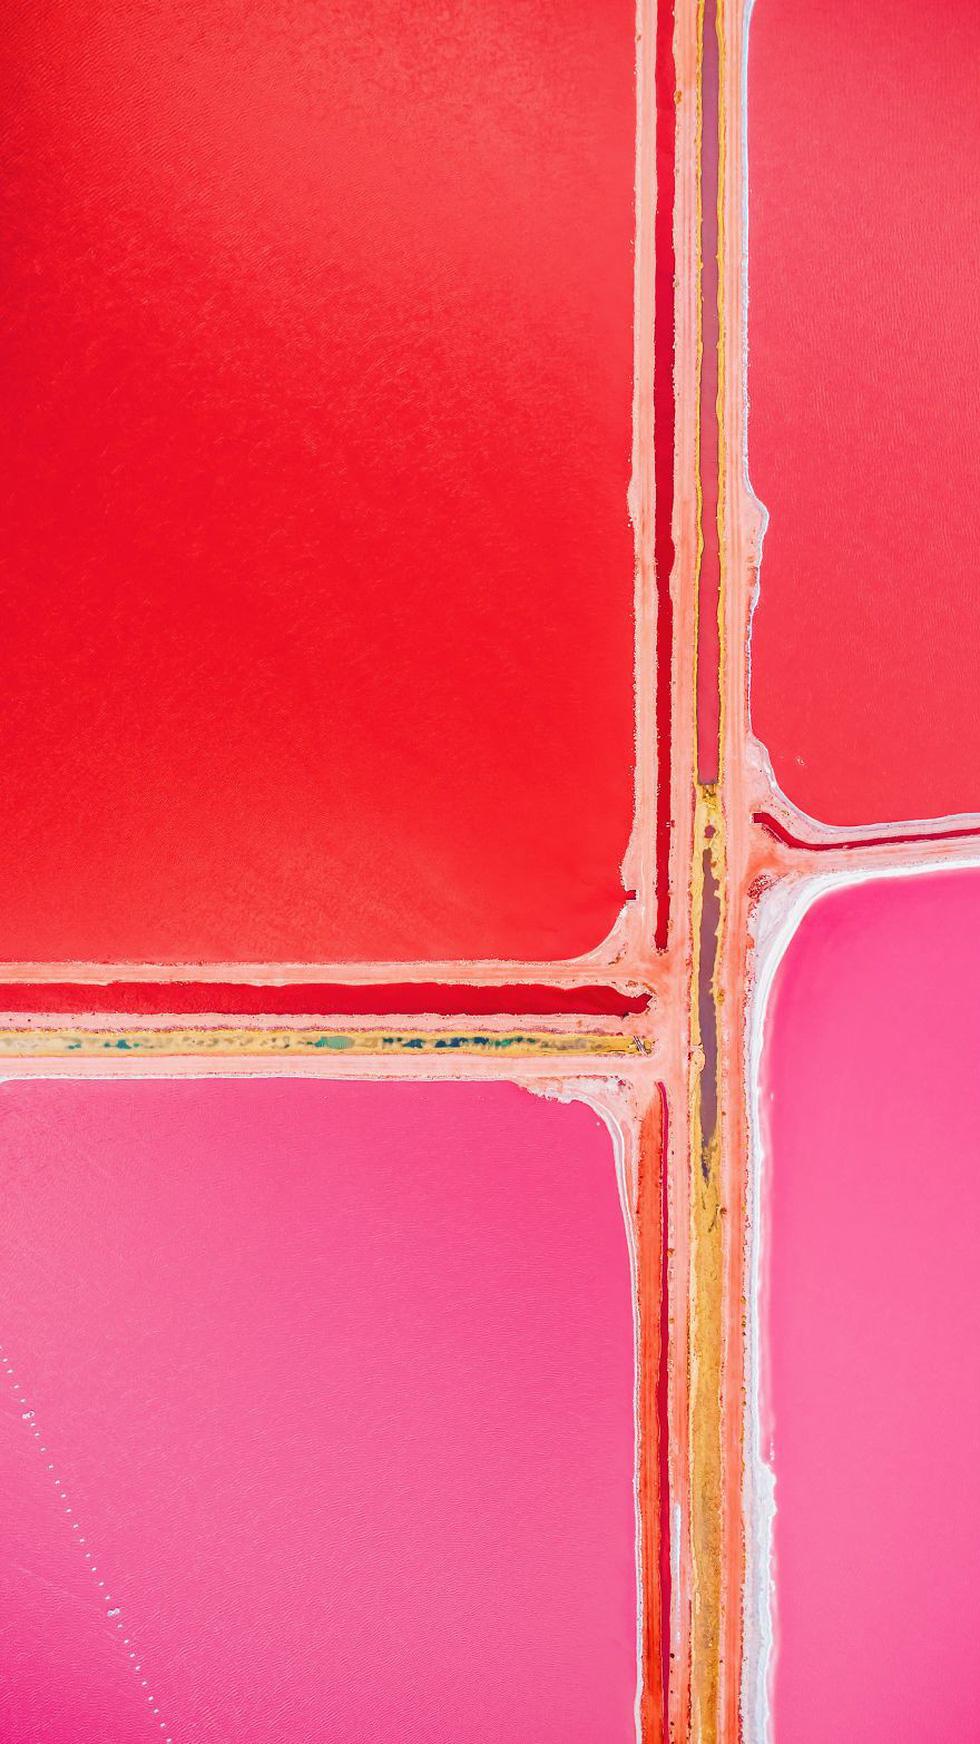 Kỳ lạ hồ nước màu hồng, đỏ, cam theo giờ - Ảnh 10.